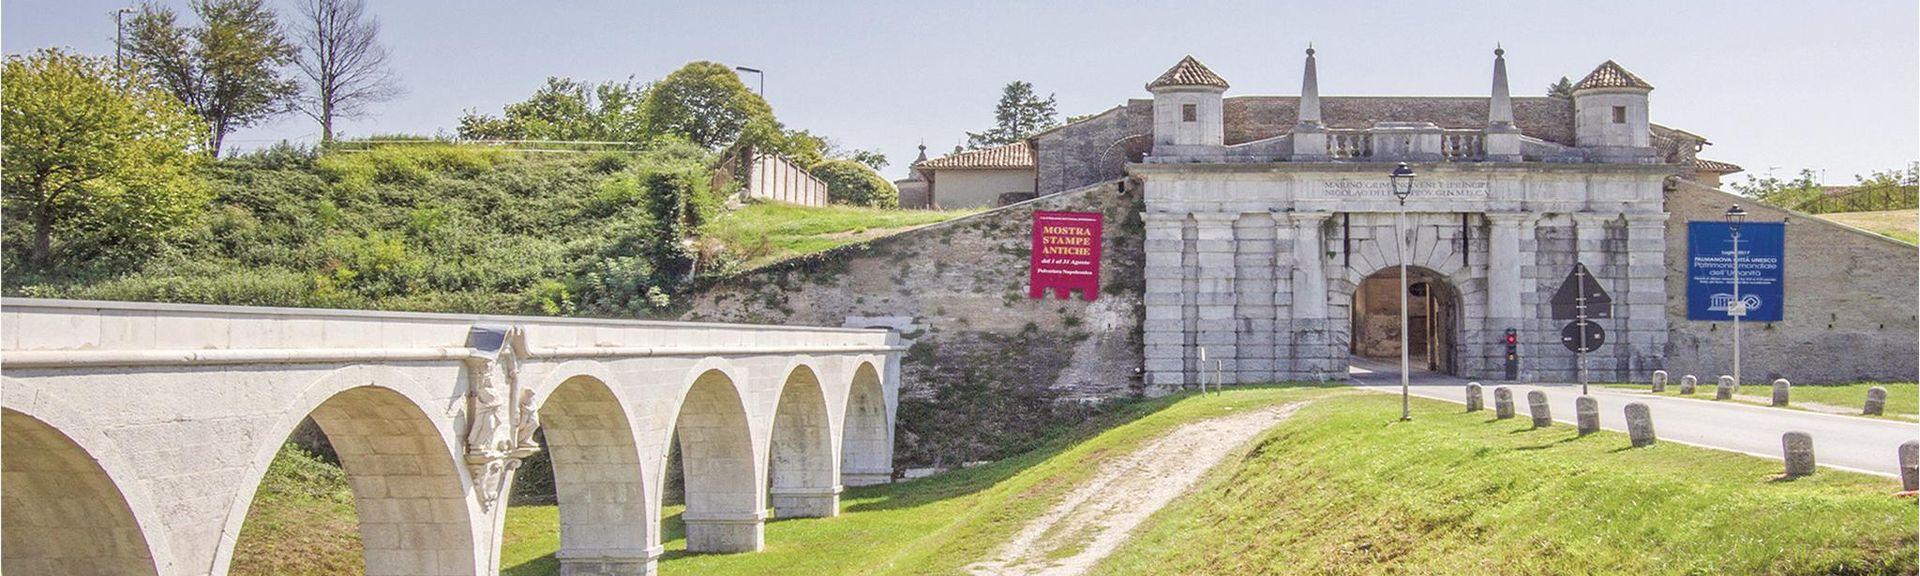 Codroipo Station, Codroipo, Friuli Venezia Giulia, Italy